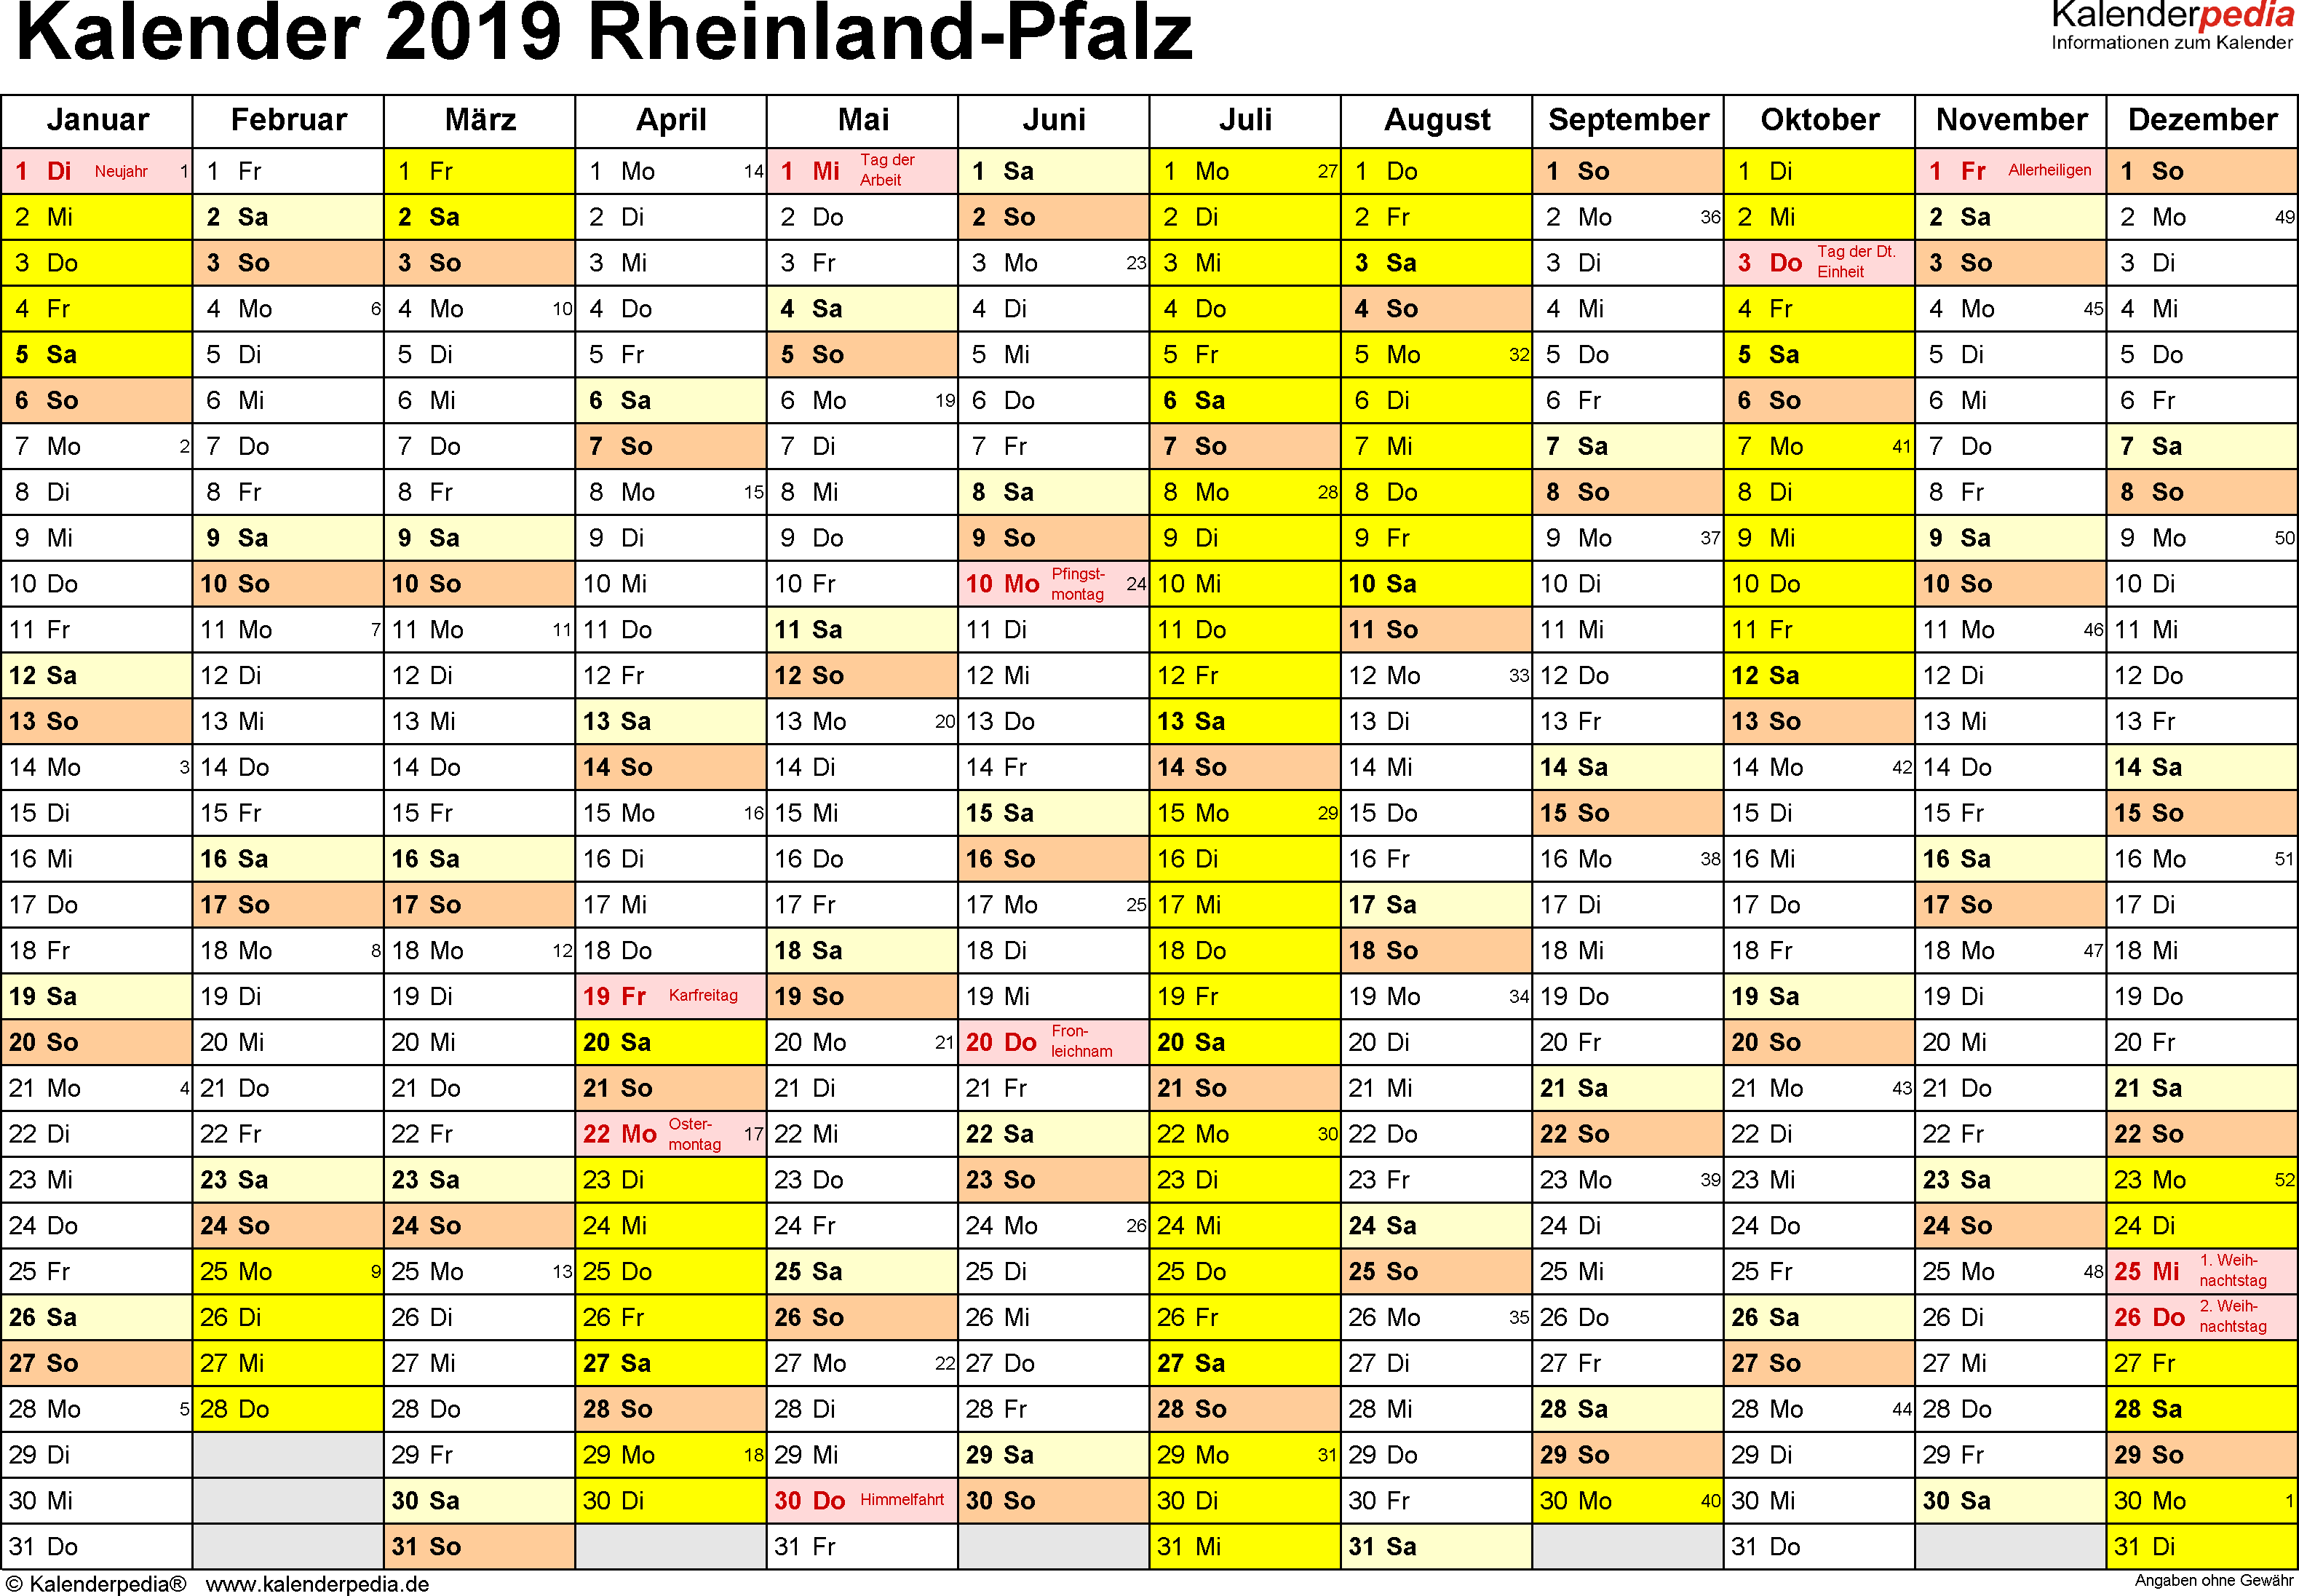 Vorlage 1: Kalender 2019 für Rheinland-Pfalz als Excel-Vorlagen (Querformat, 1 Seite)